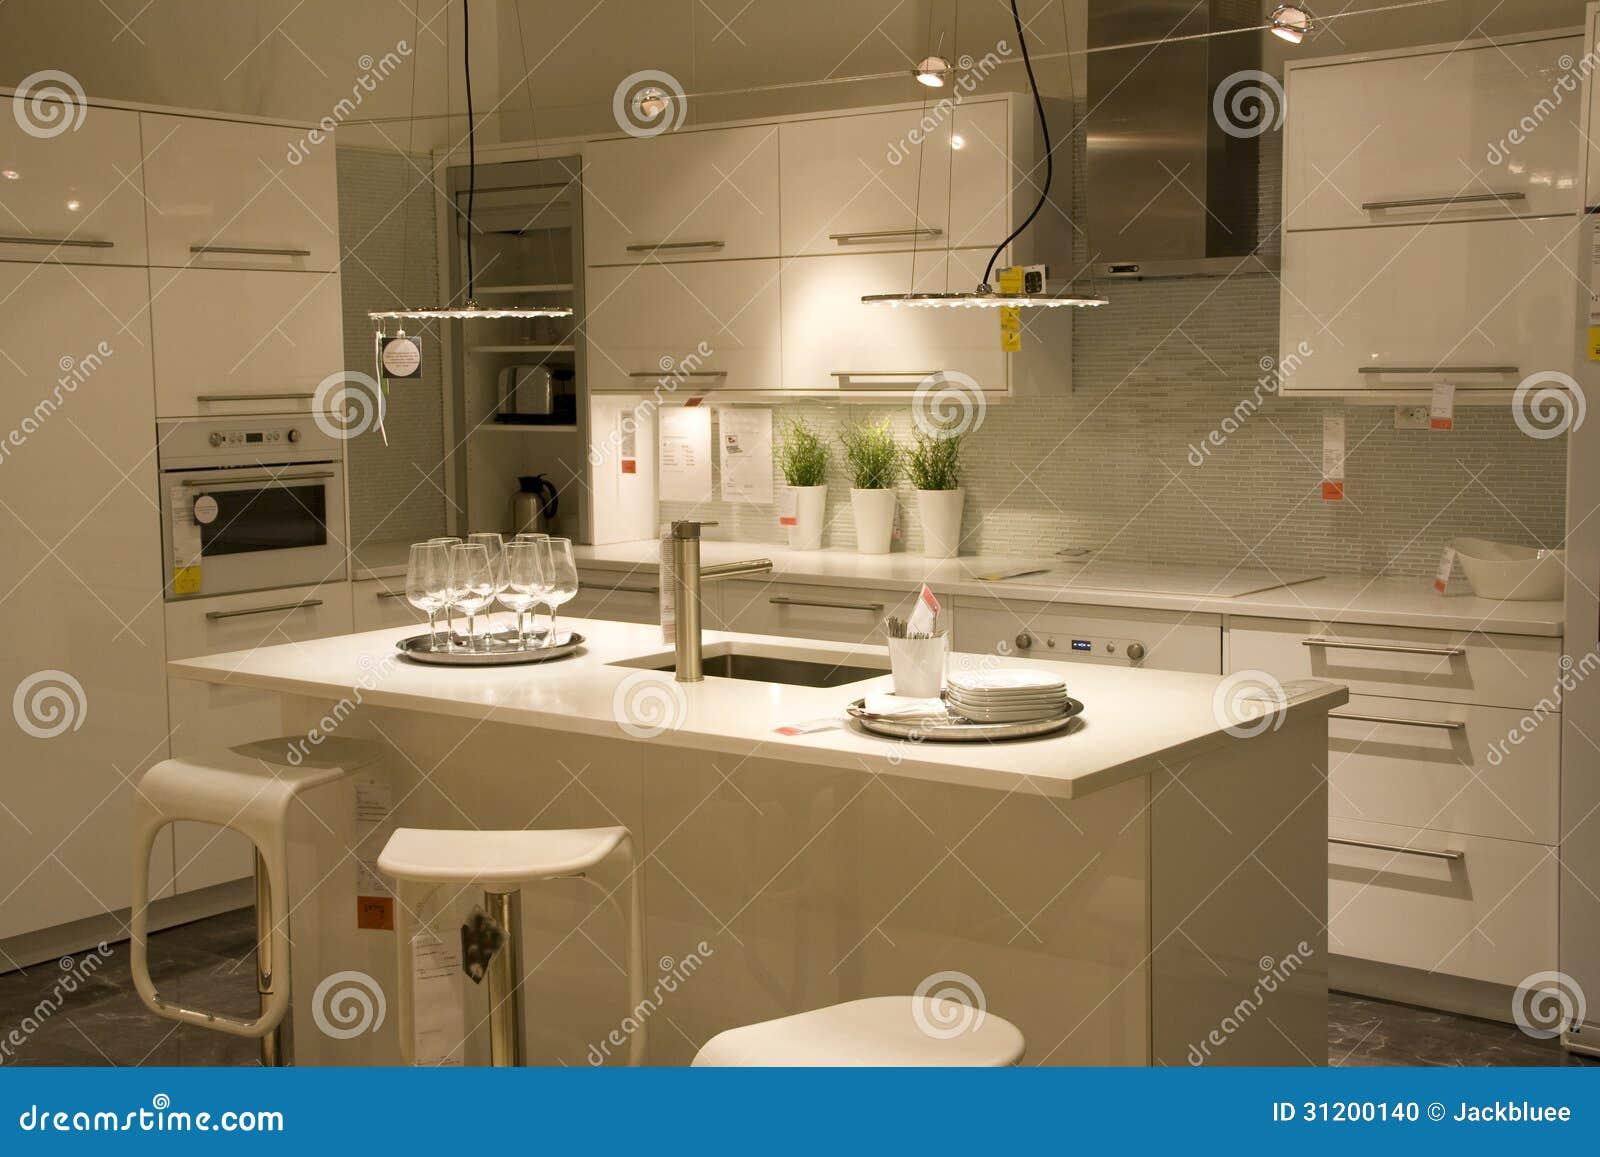 Modern kitchen interiors design stock photography for Decoracion interiores cocina